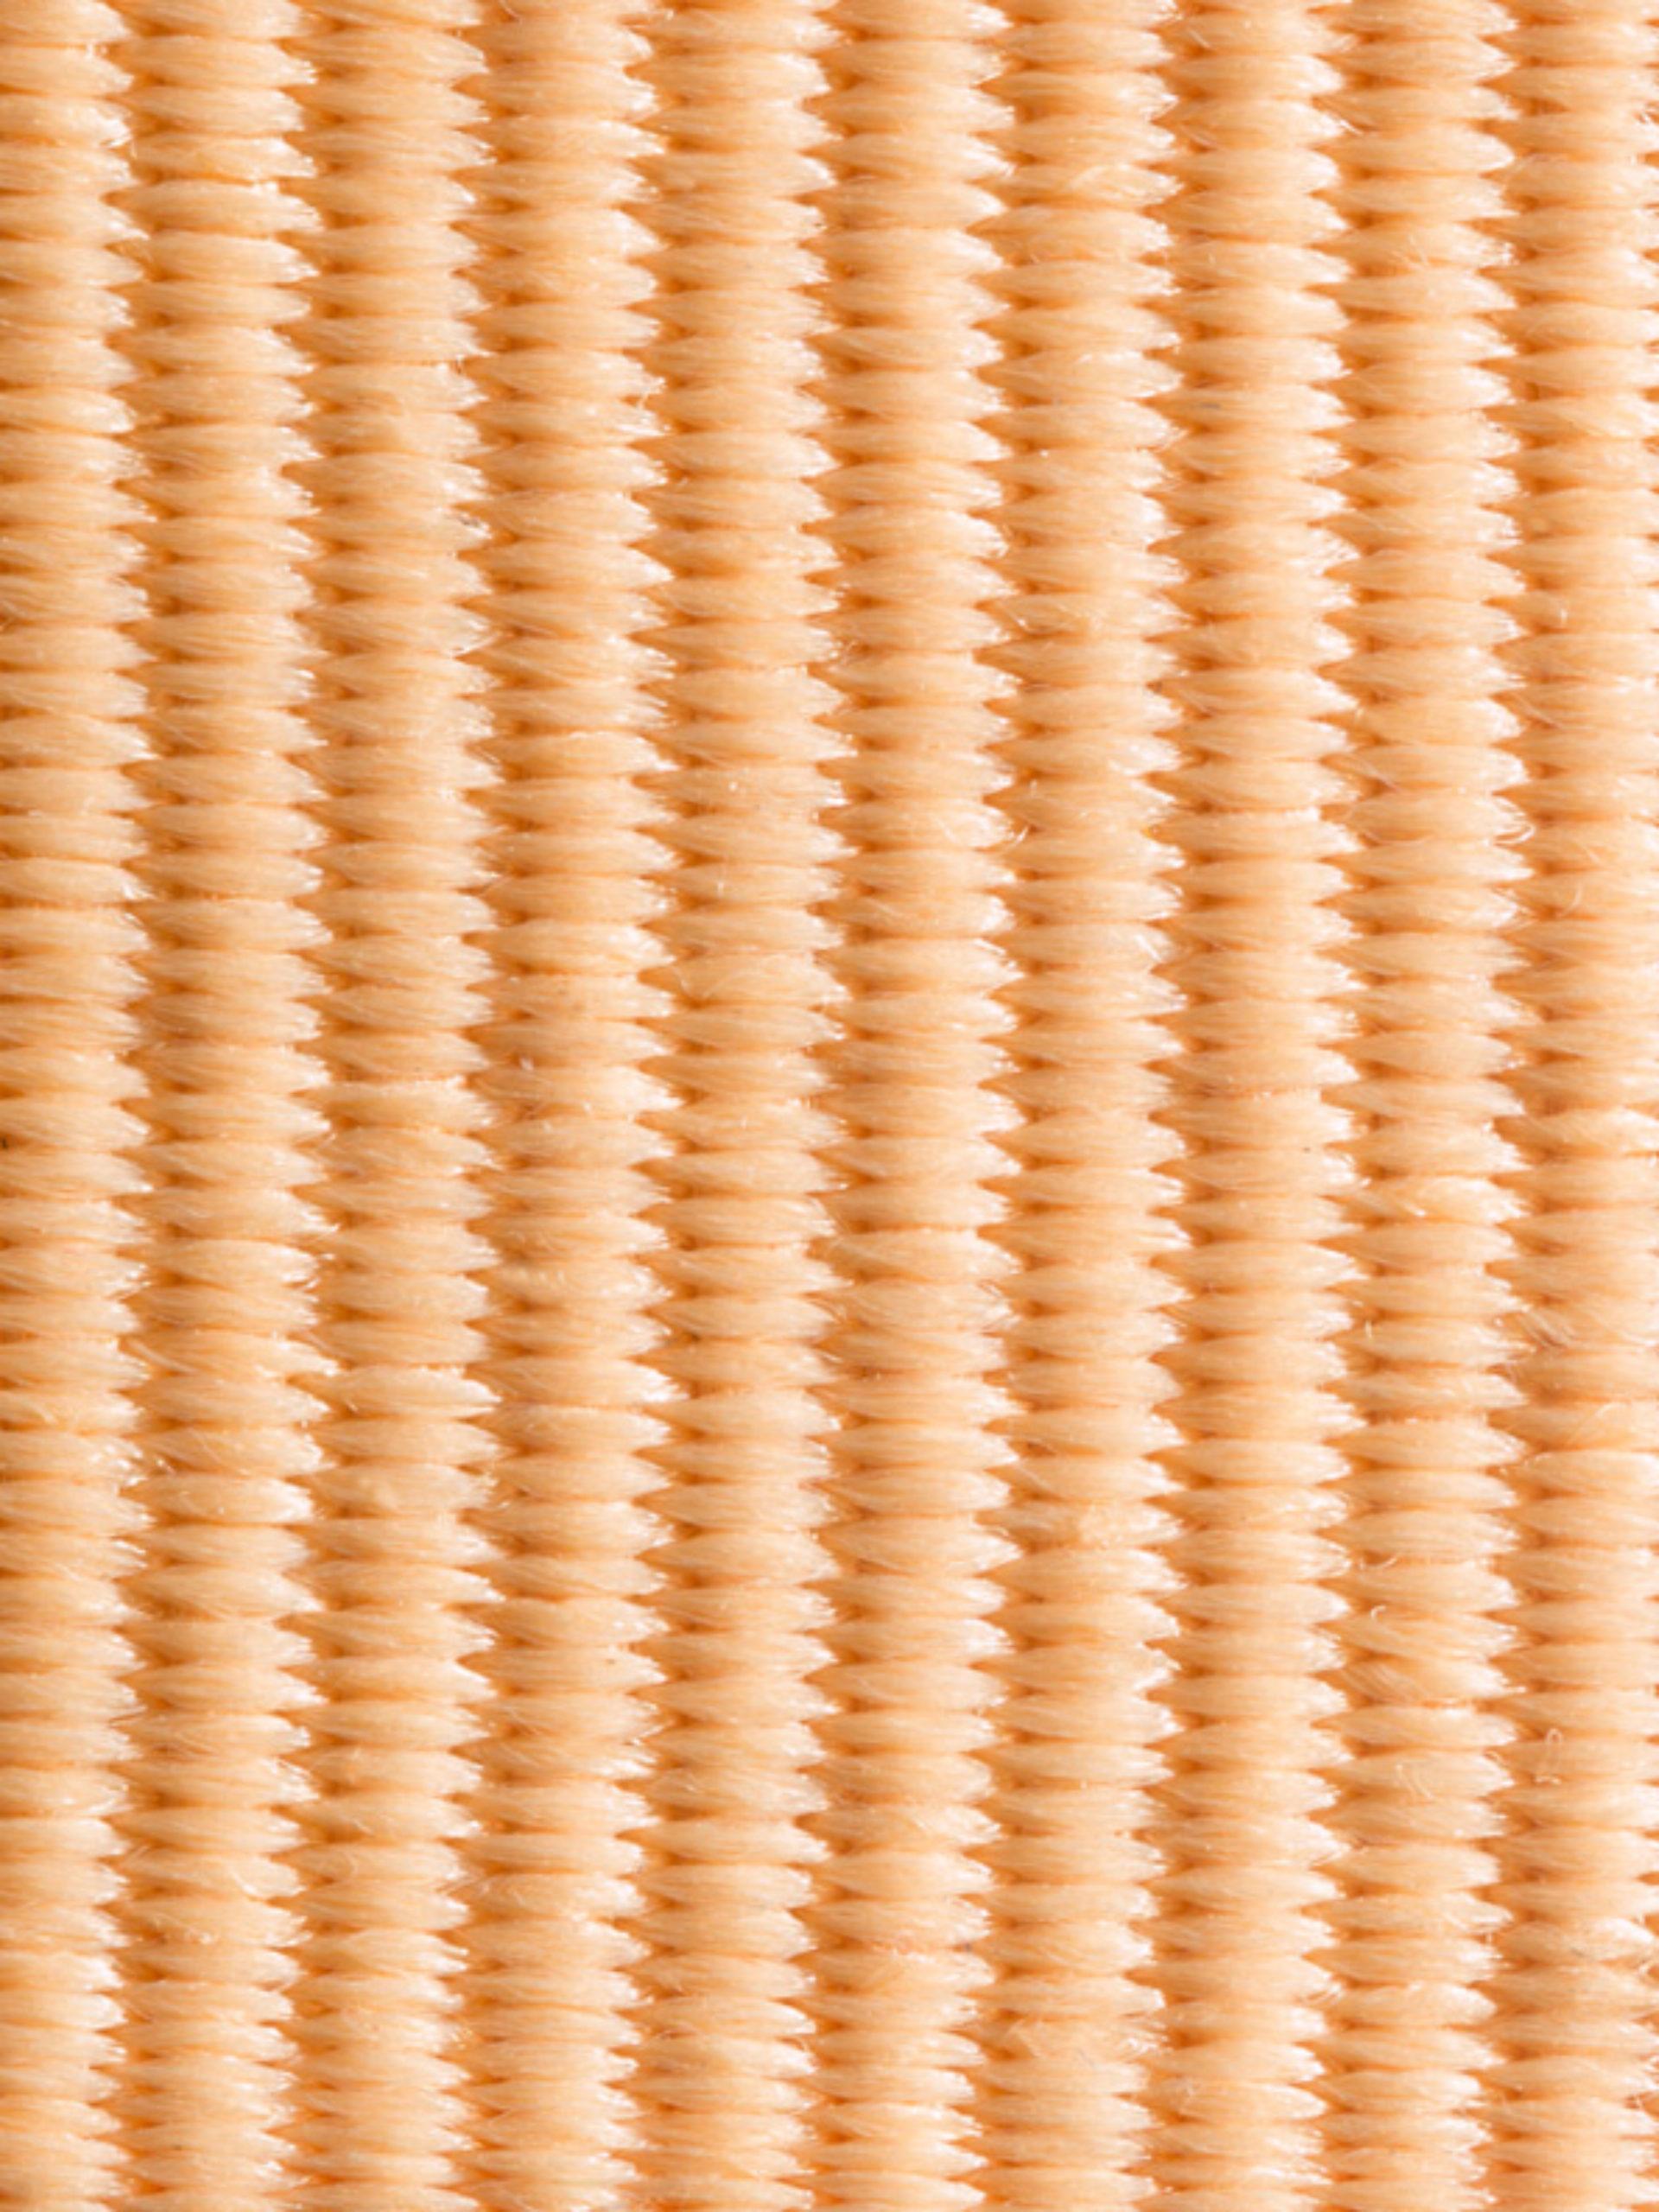 Lanyard Schluesselband Robusto Bedrucken Mit Logo Einwebung Eifabrig Farbnegativ Polyester Bandstruktur